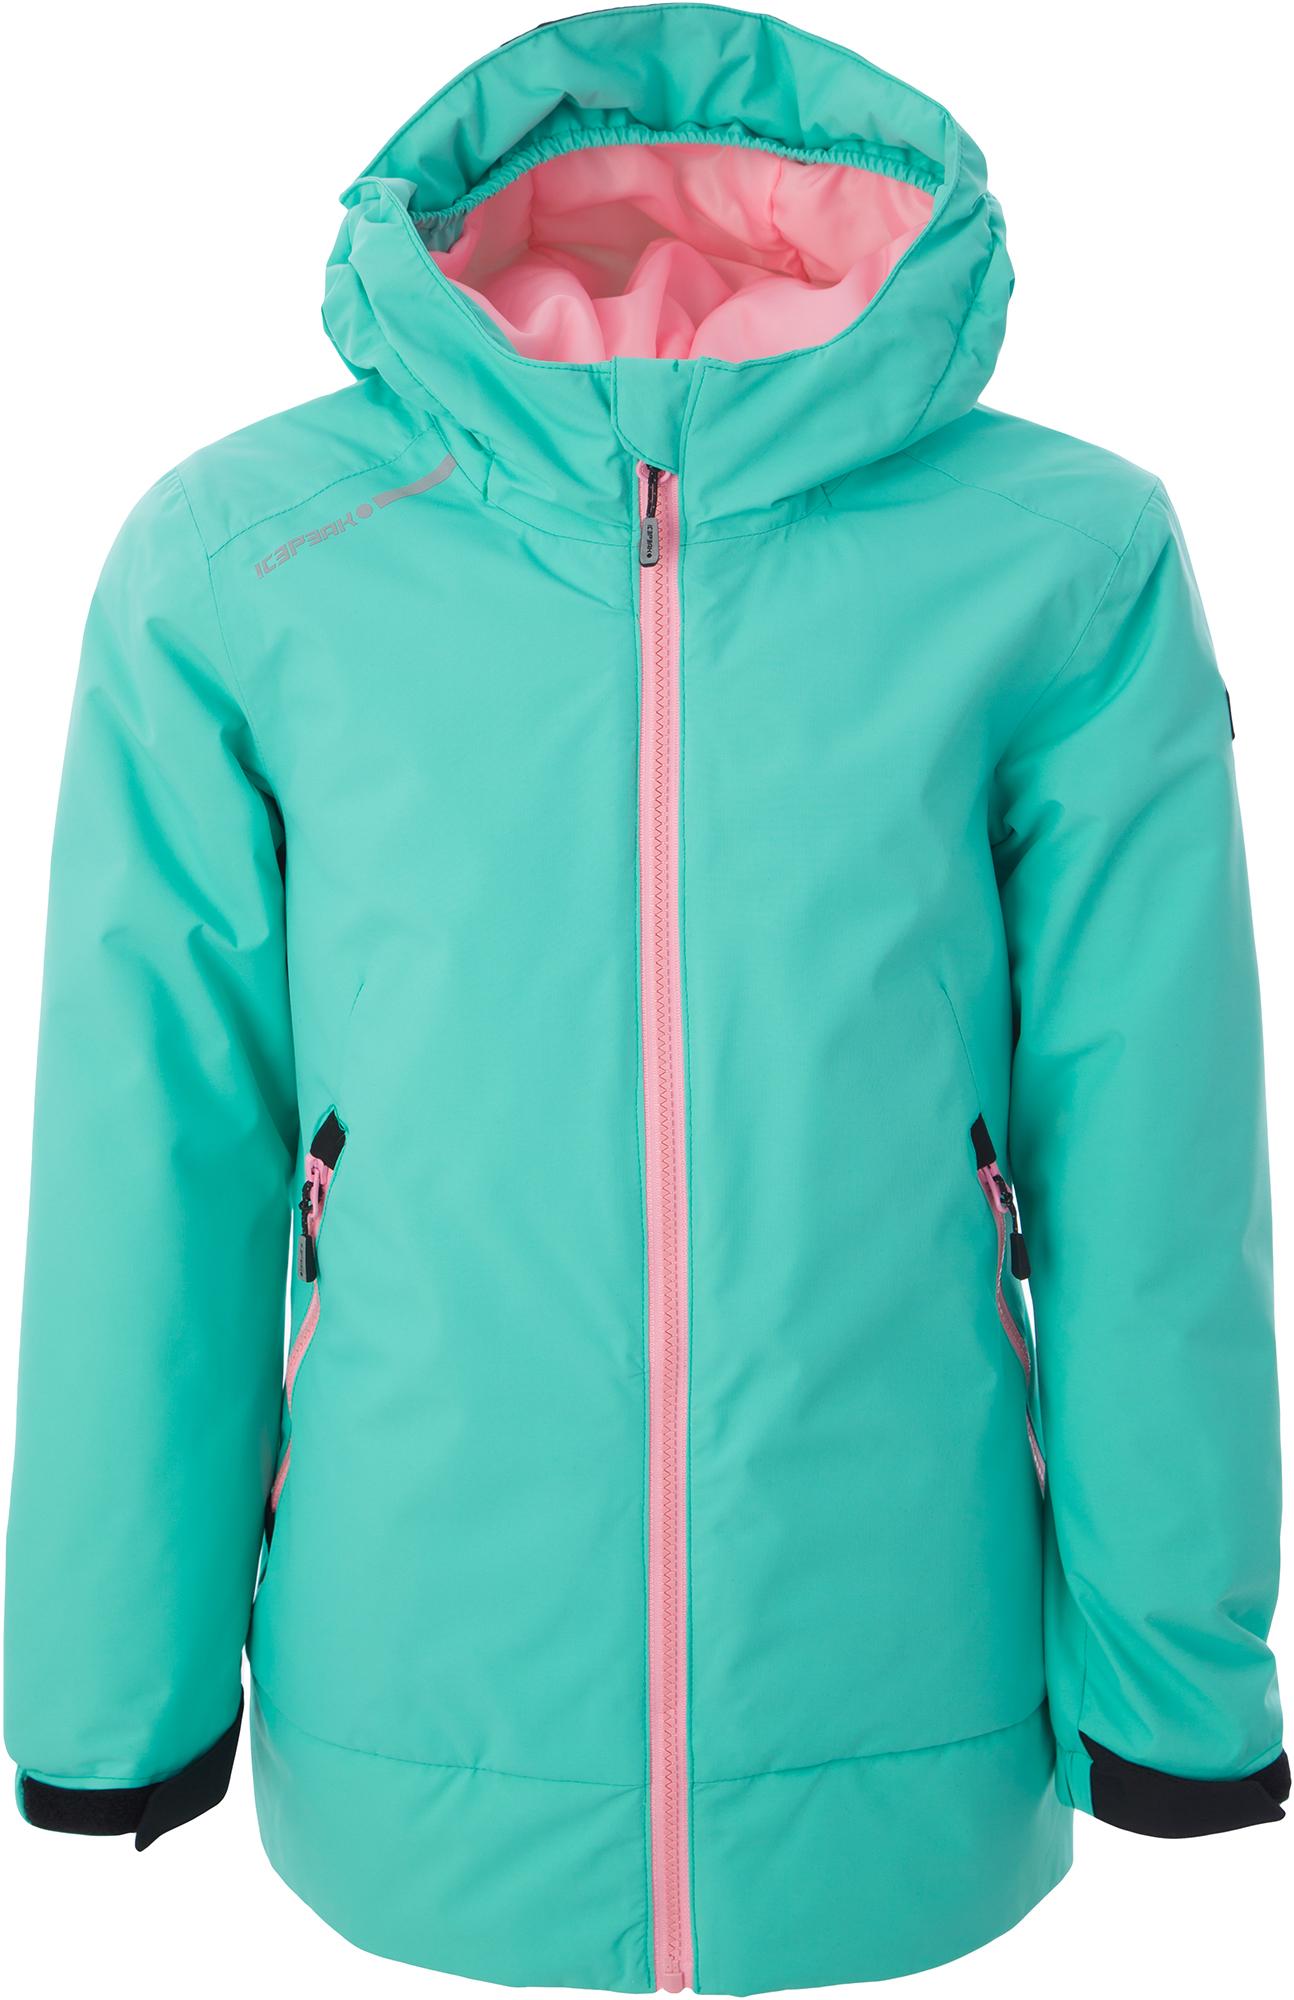 IcePeak Куртка утепленная для девочек IcePeak Tierra, размер 164